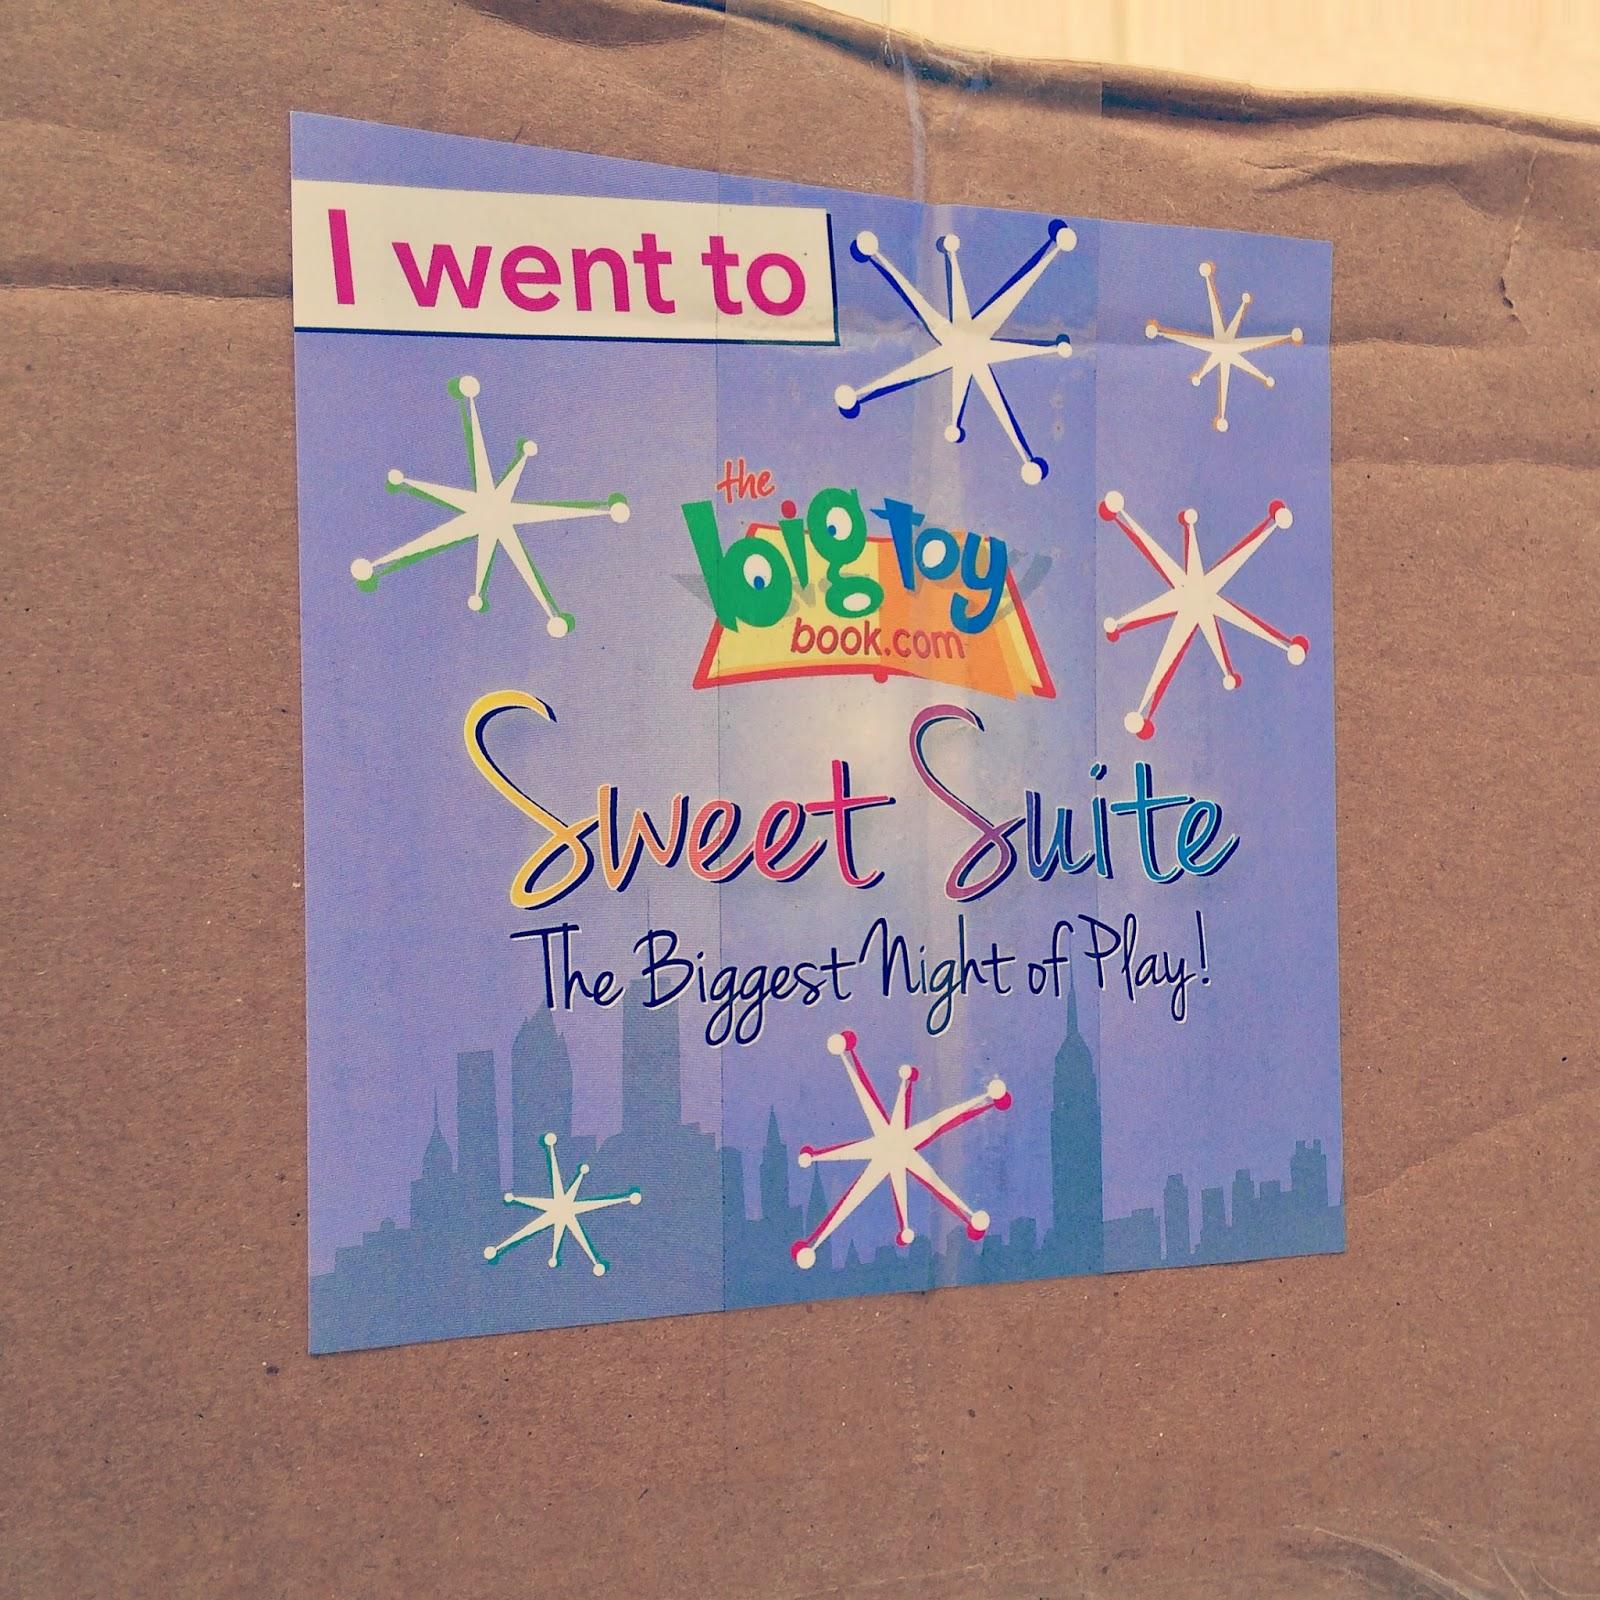 #SweetSuite14 #BBNYC